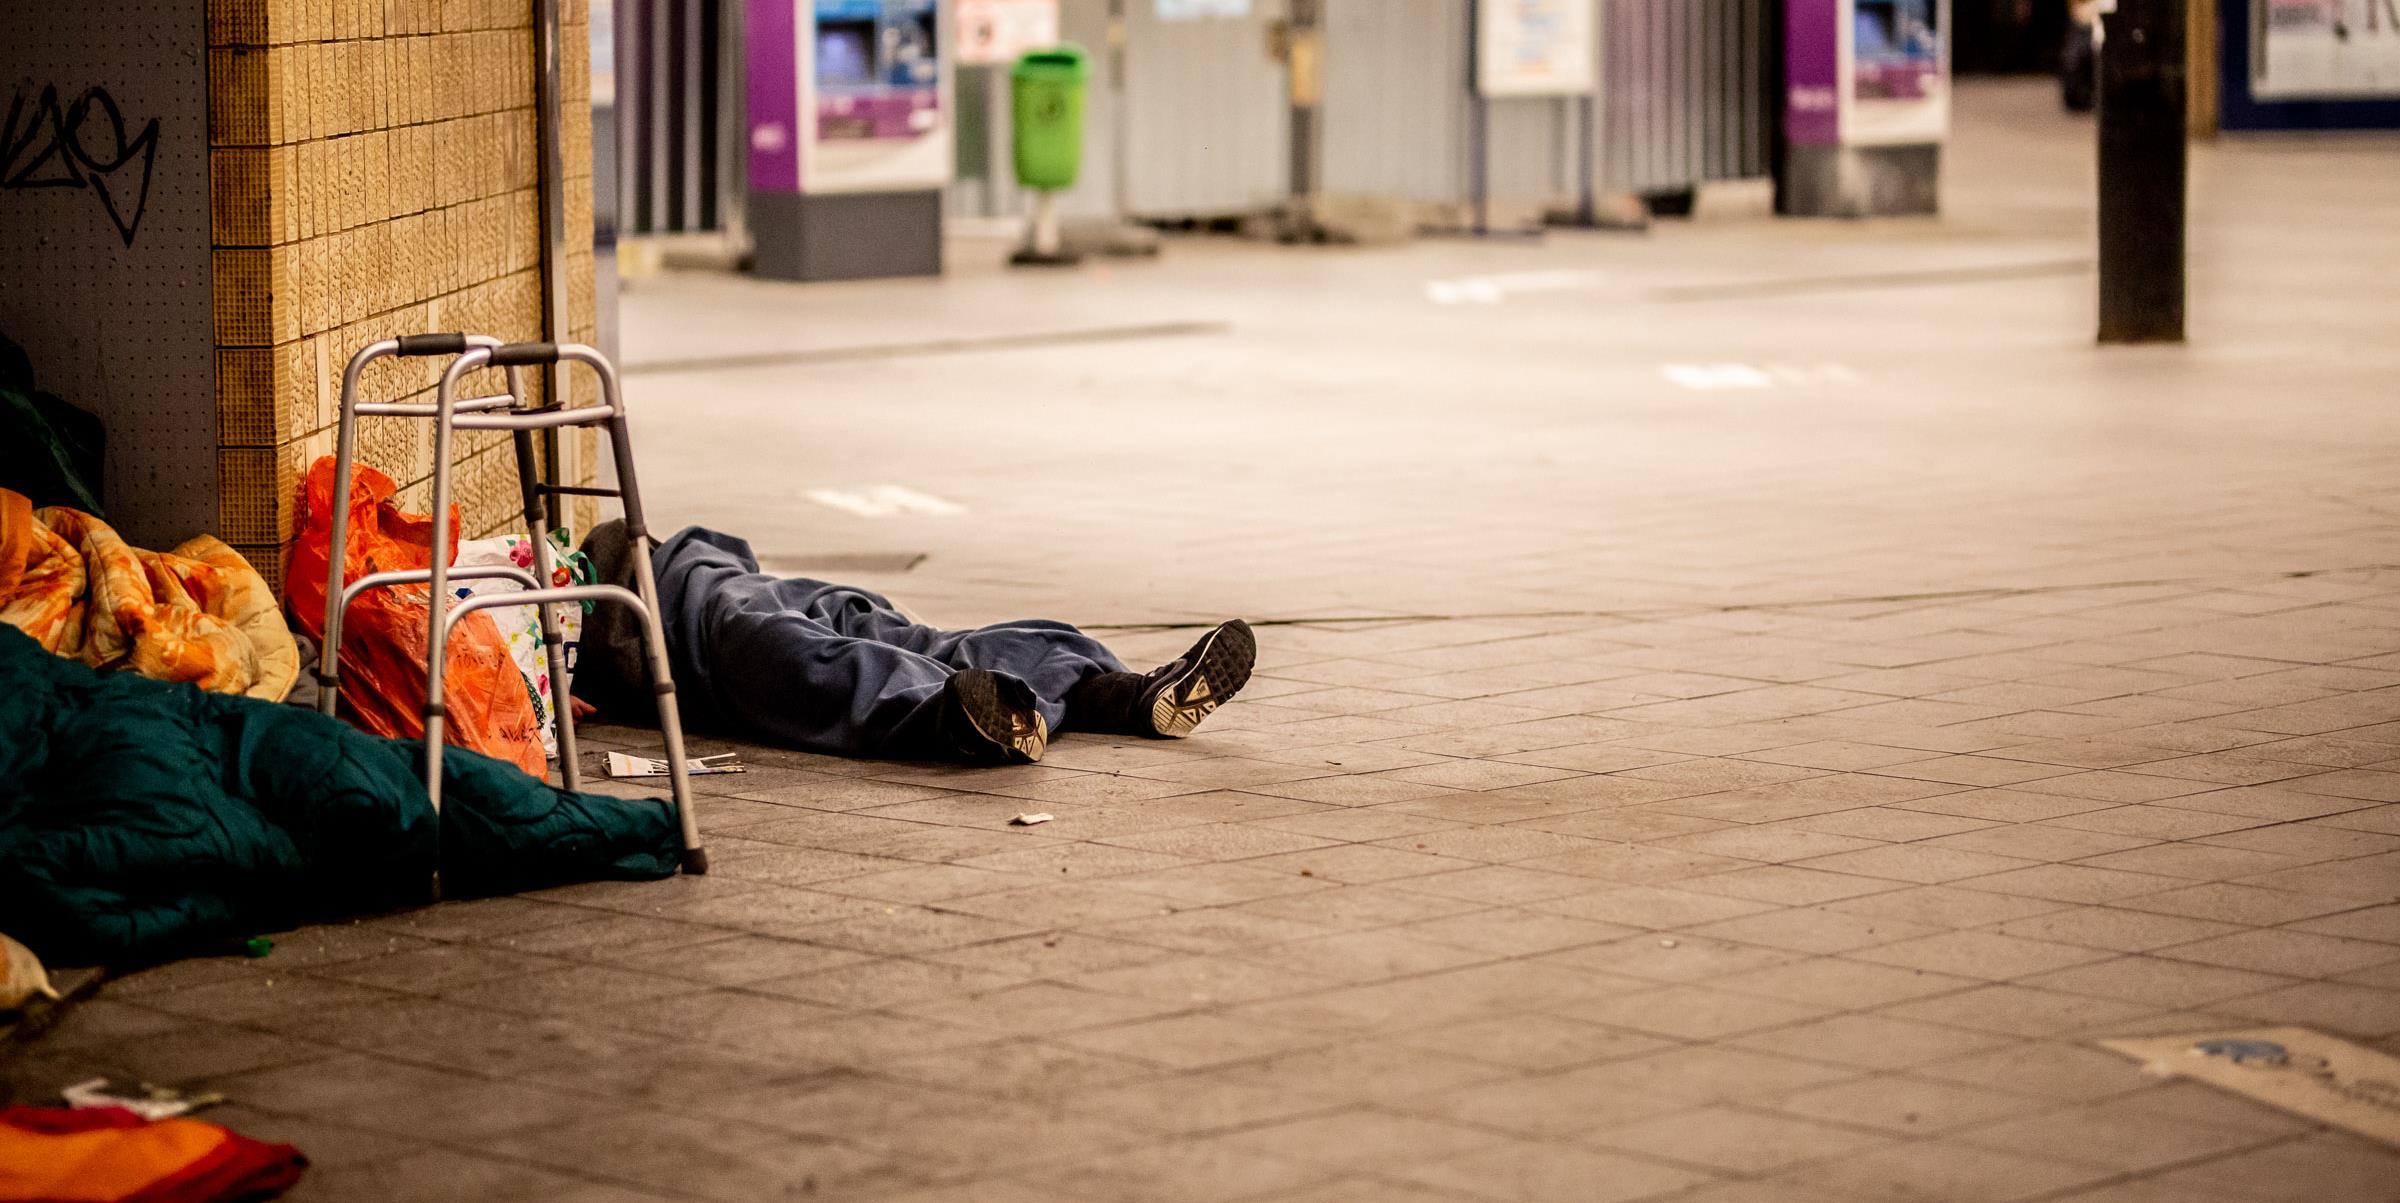 Rettegnek Újbudán a bosszúból emberekre köhögő hajléktalantól